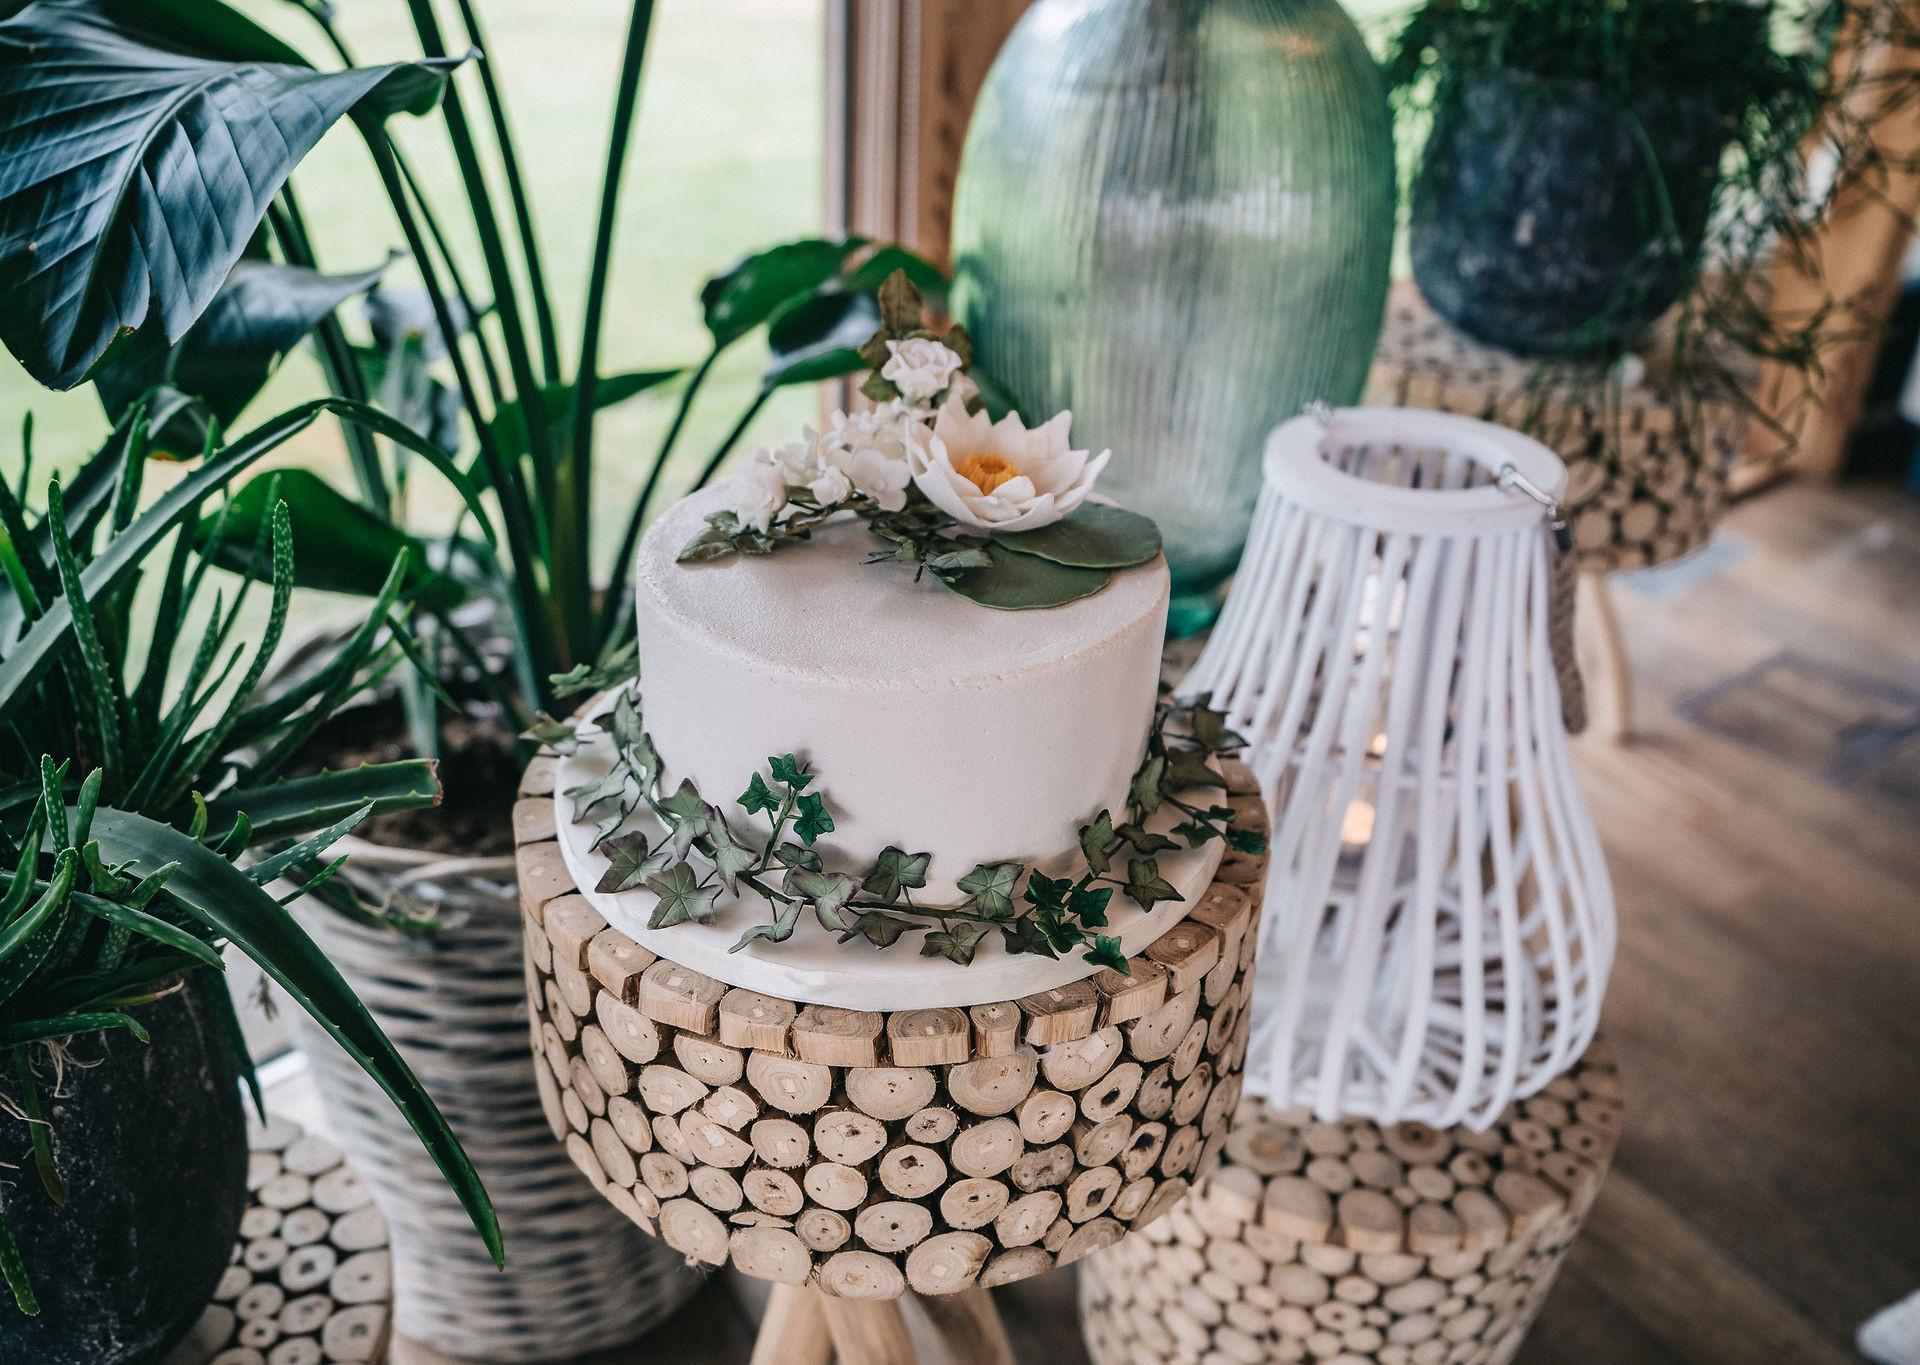 Wedding-cake-decoration-Blank-and-Burnet-Photography